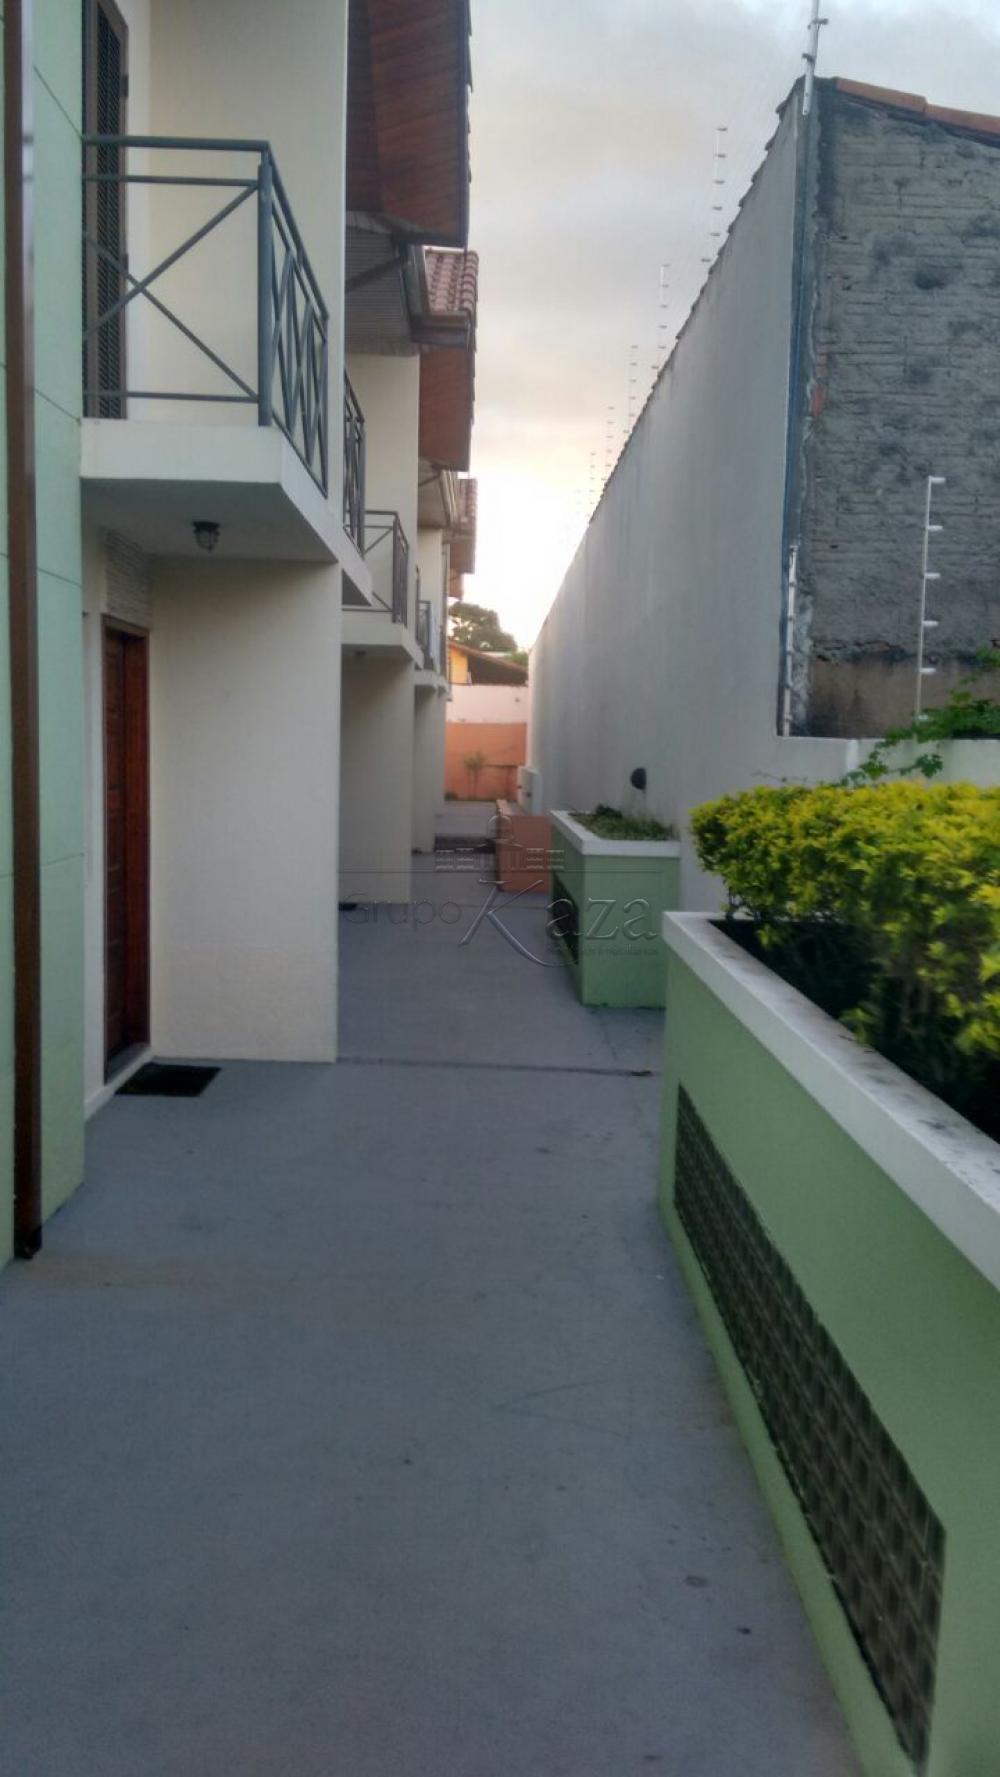 Alugar Casa / Condomínio em São José dos Campos apenas R$ 950,00 - Foto 4